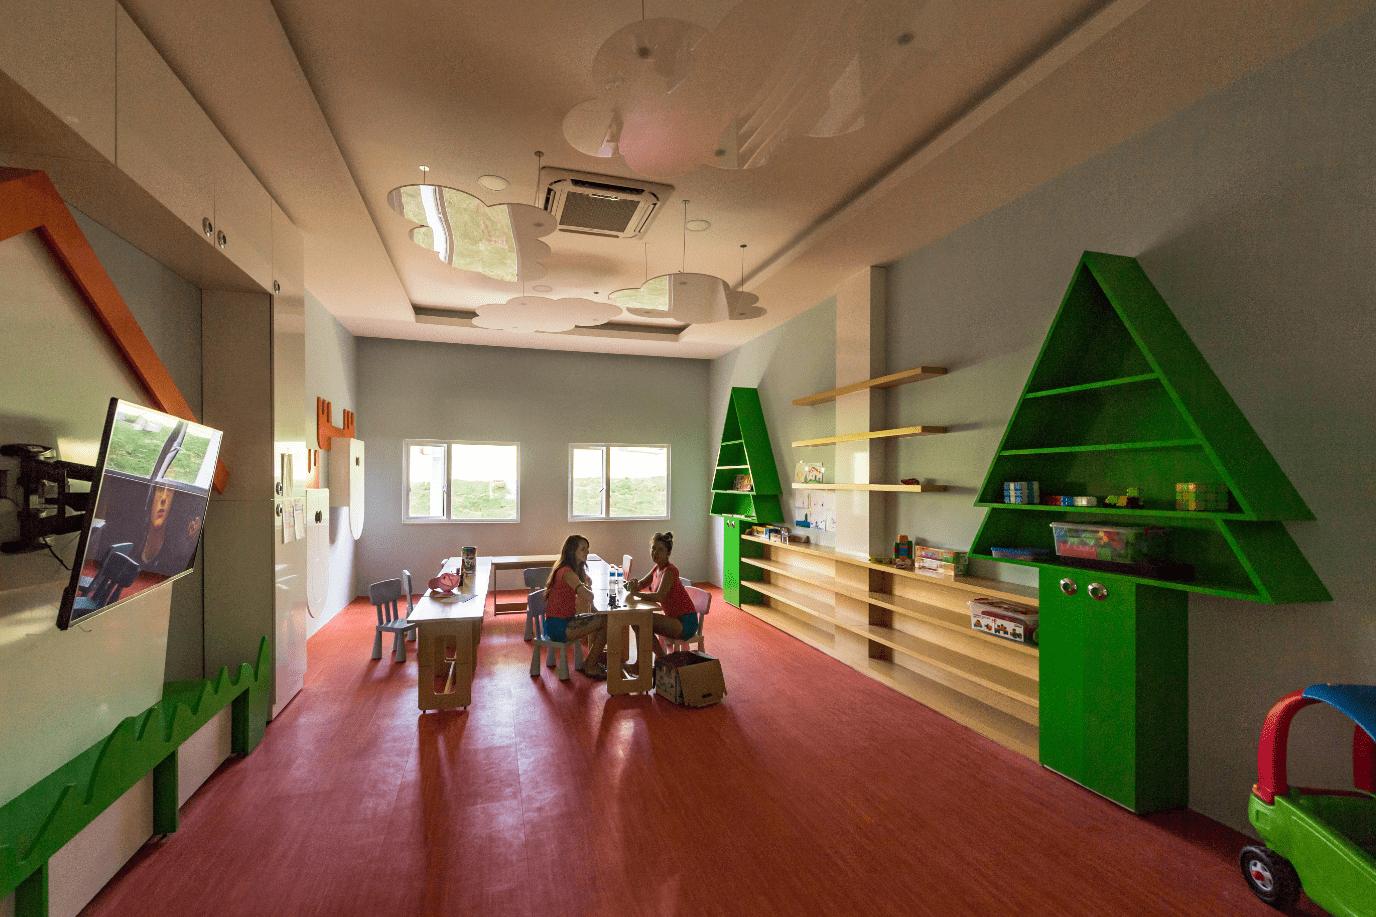 детская комната в нячанге подойти прогнозированию будущего